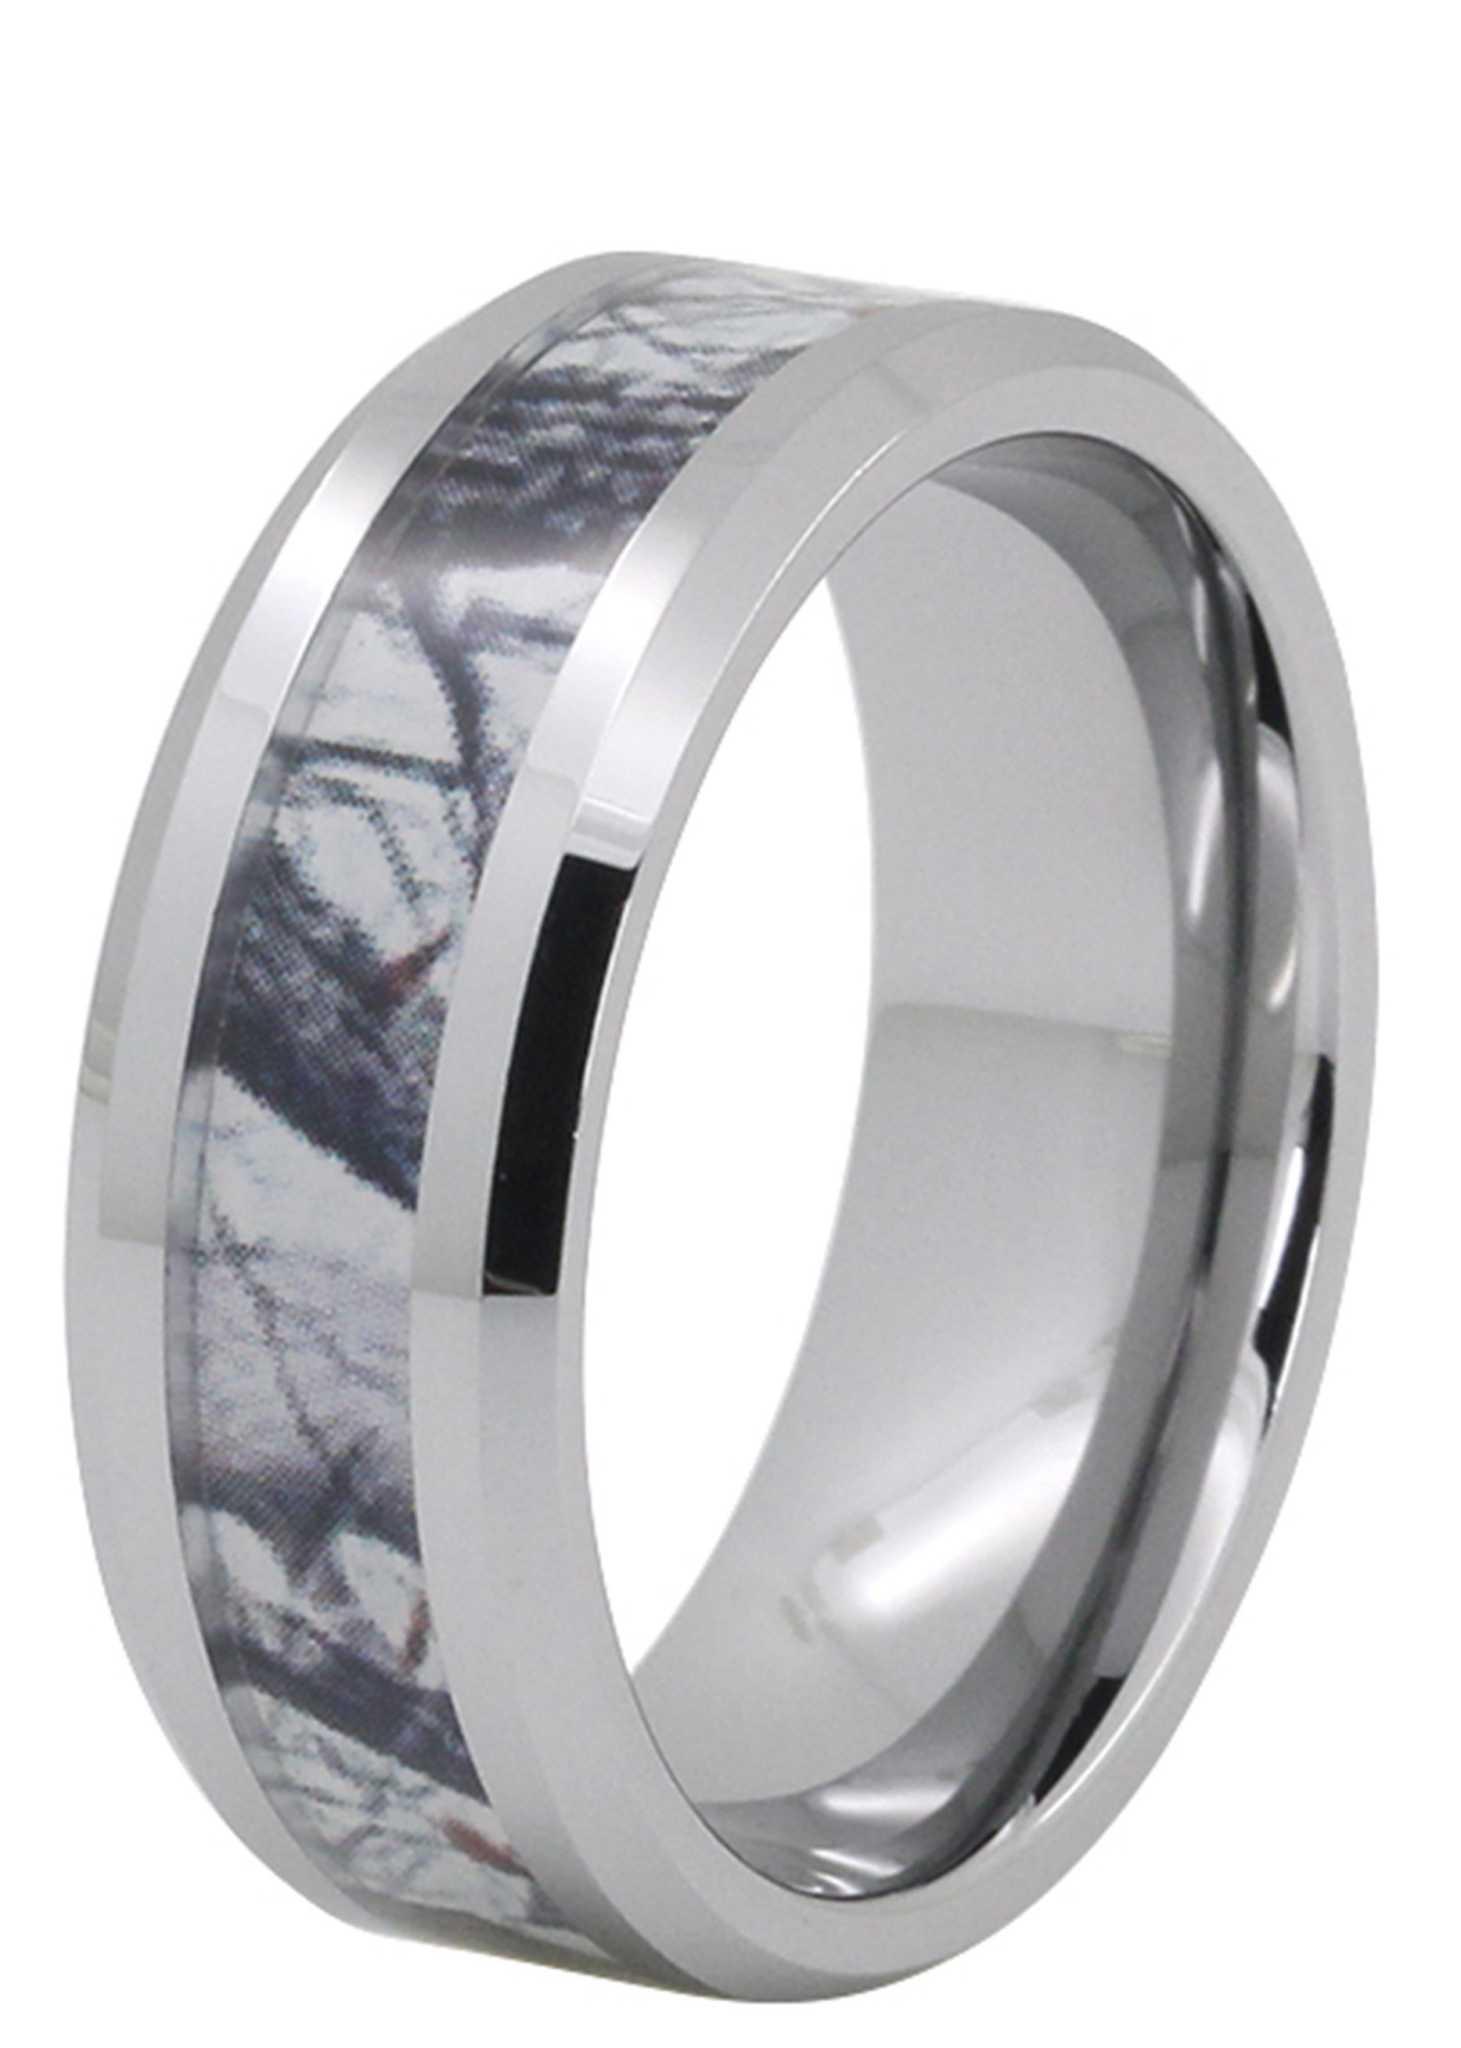 8mm camo wood inlay tungsten wedding band tungsten wedding ring Sale